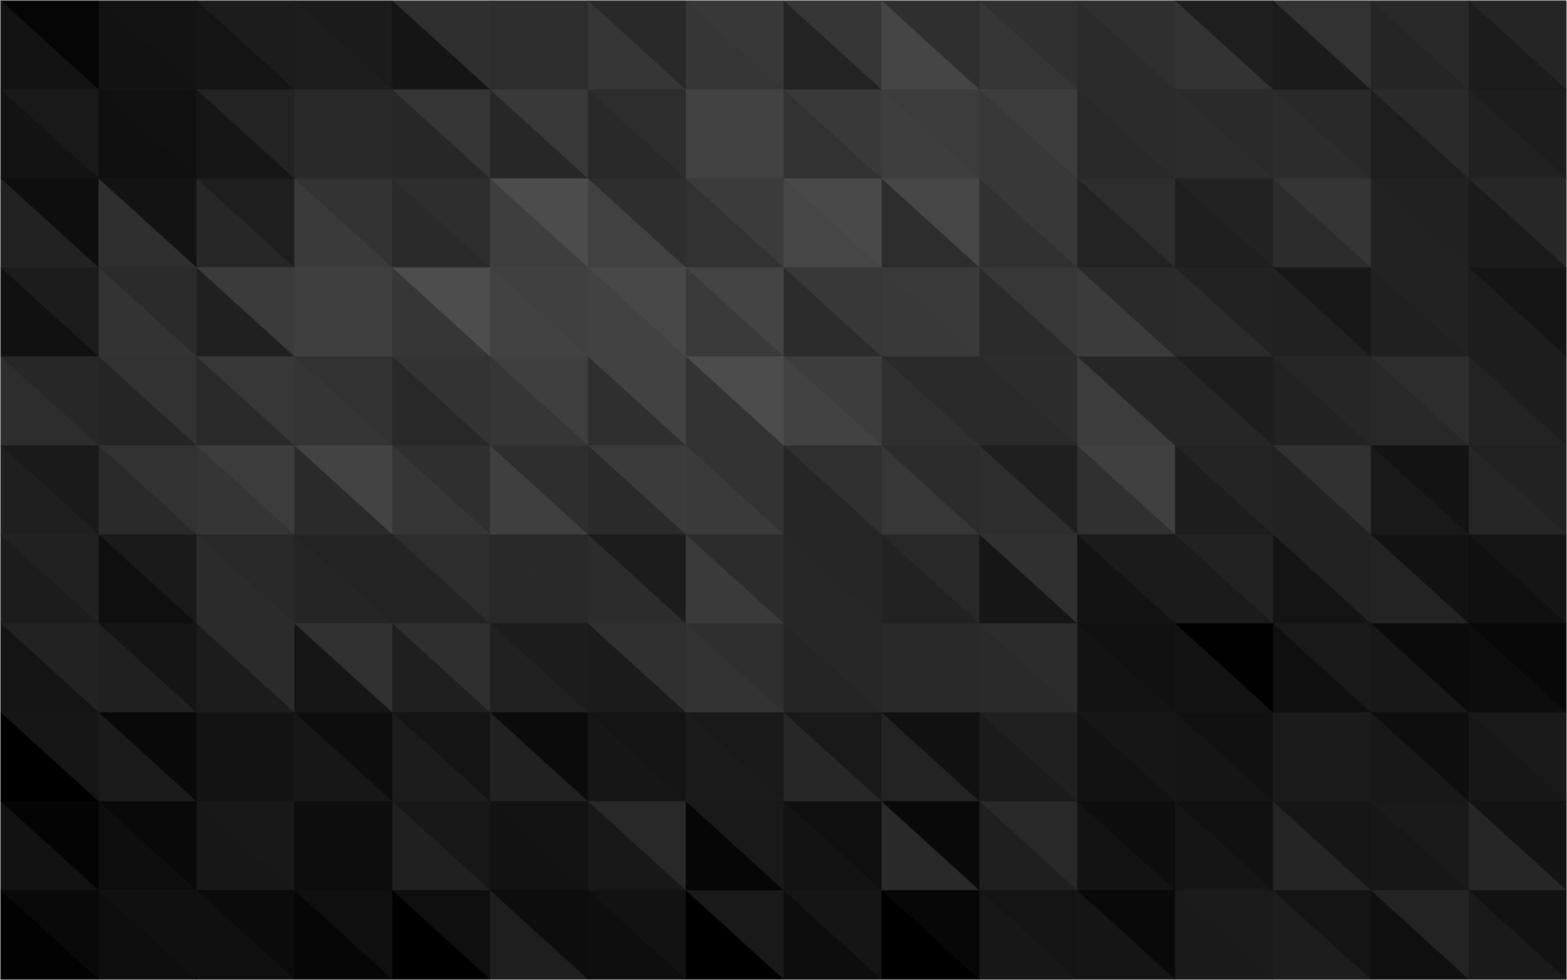 fundo preto mosaico vetor